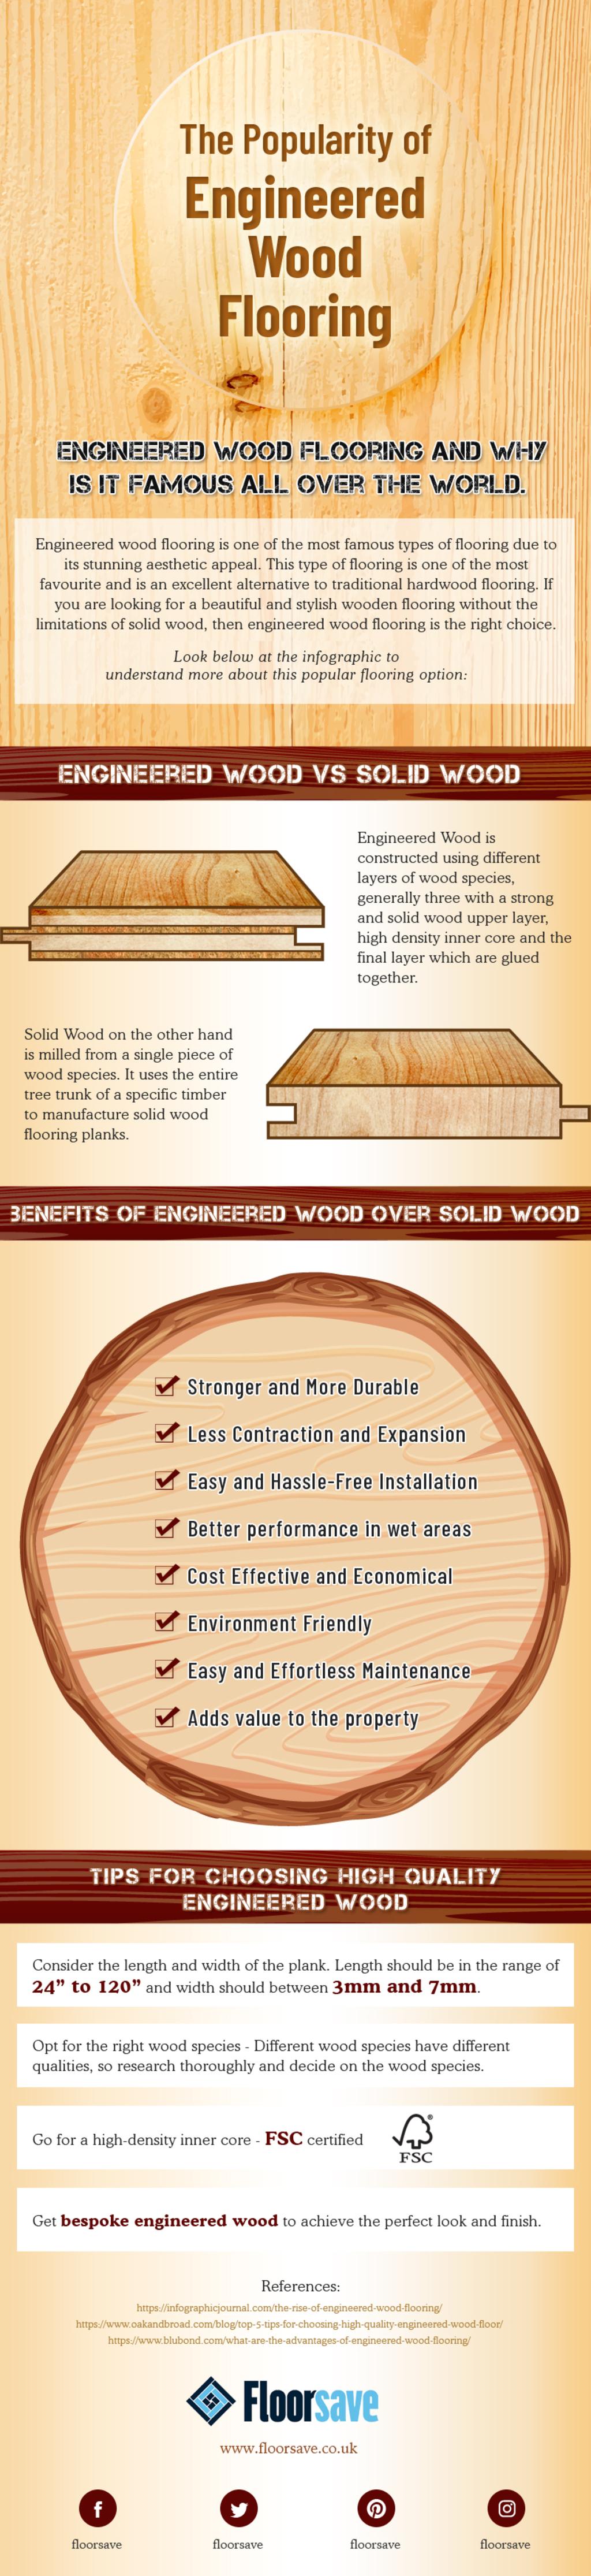 The Popularity of Engineered Wood Flooring via Floorsave